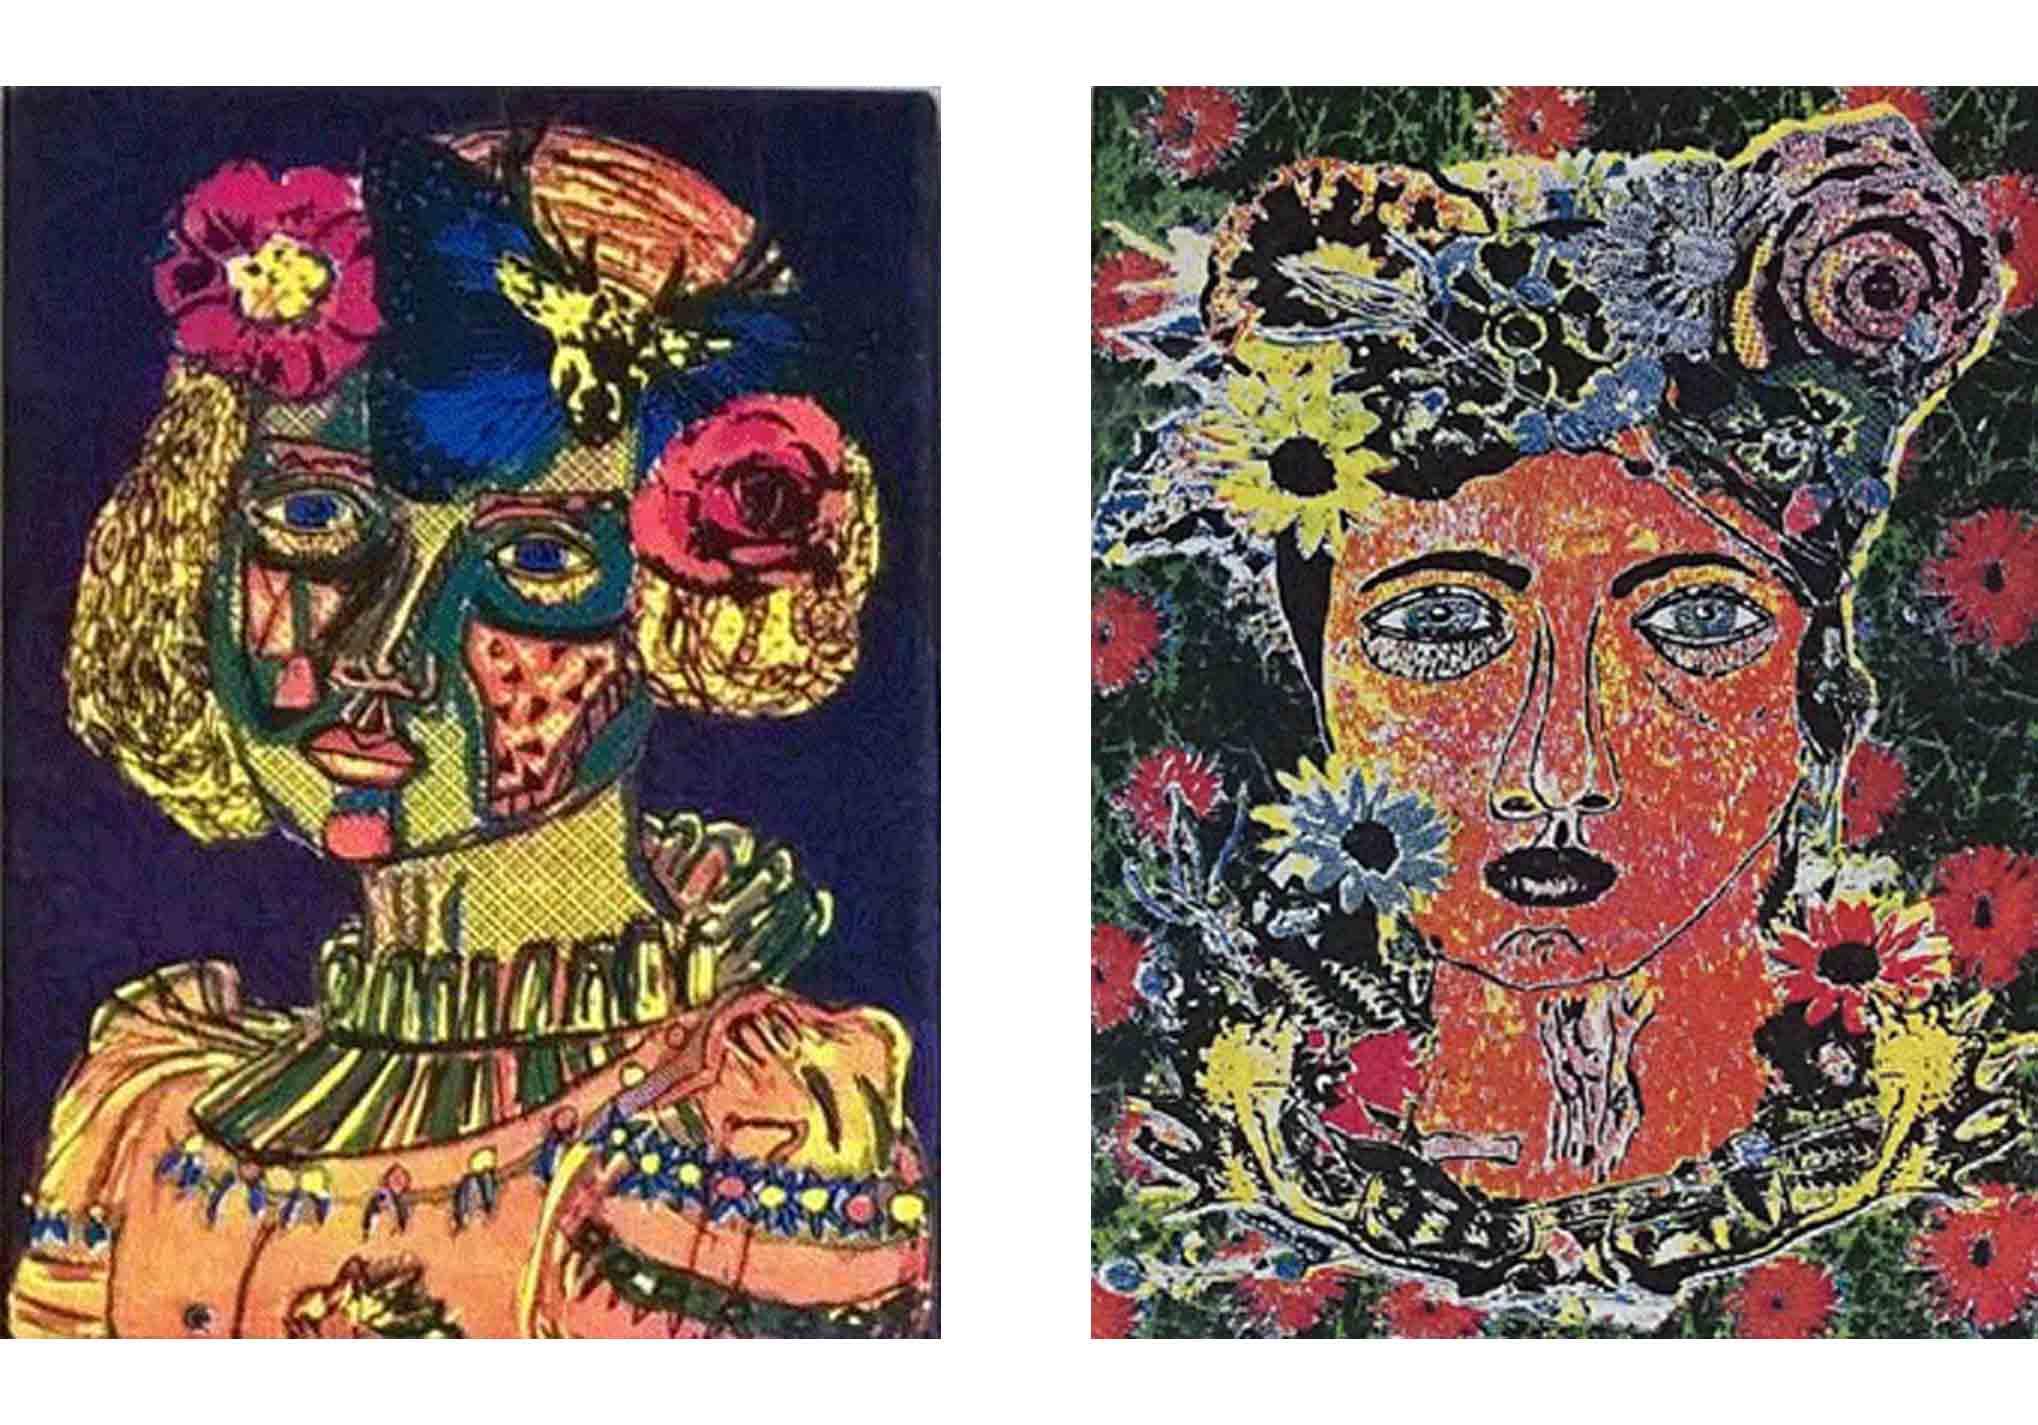 Ann-Kristin-Fleischhauer-Blume-im-Haar-Mt-Galerie